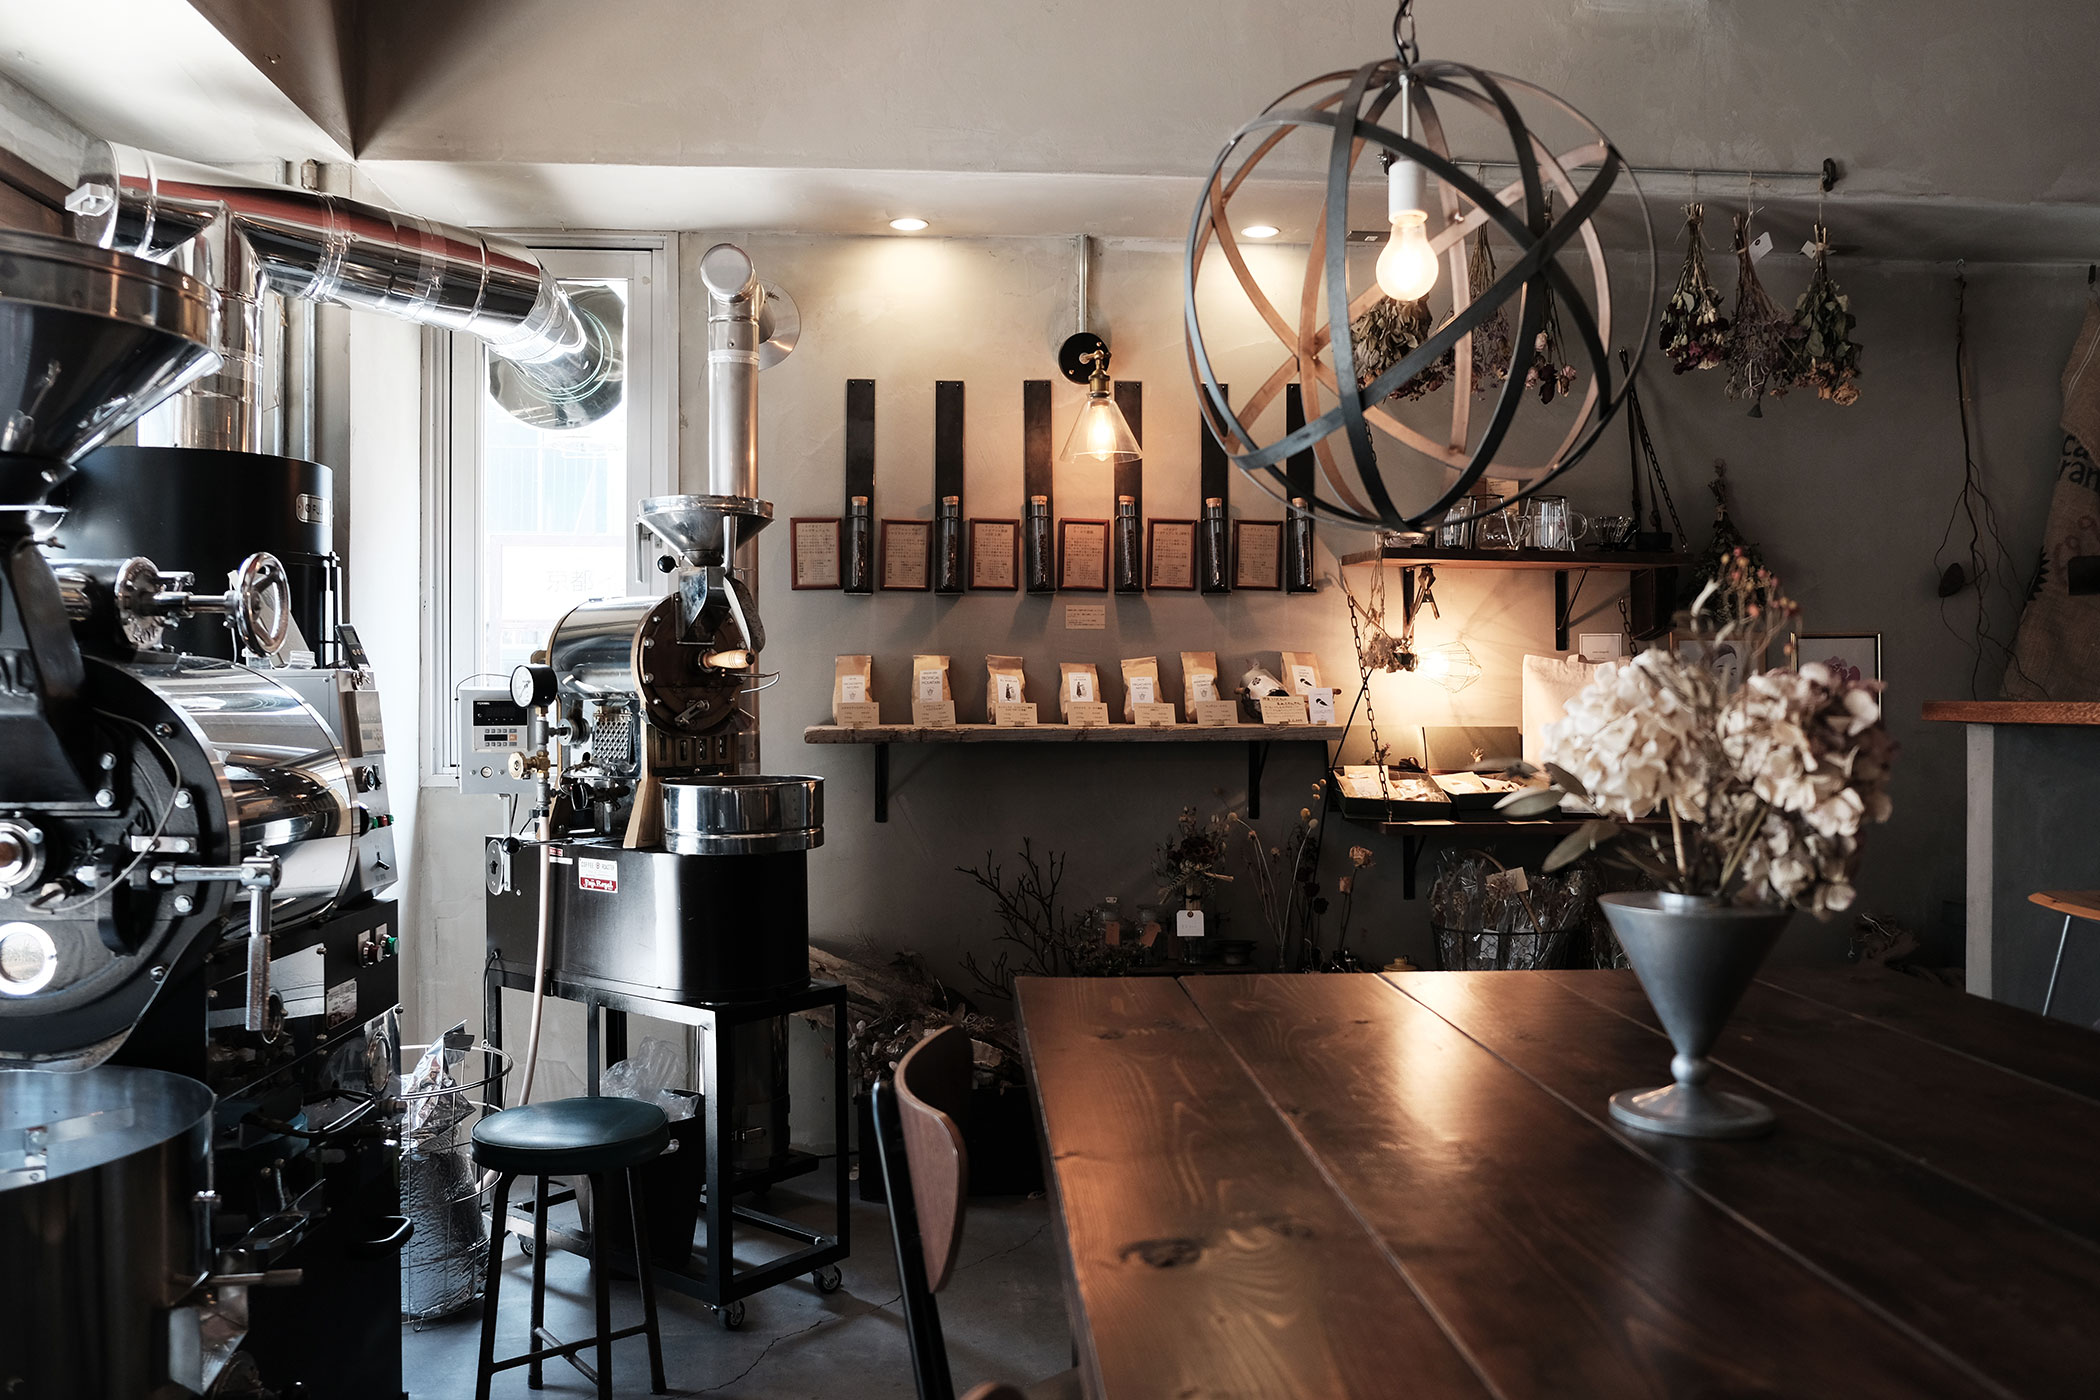 [京都・元田中] 珈琲焙煎所 旅の音 スペシャルティコーヒーを静かにゆっくりと